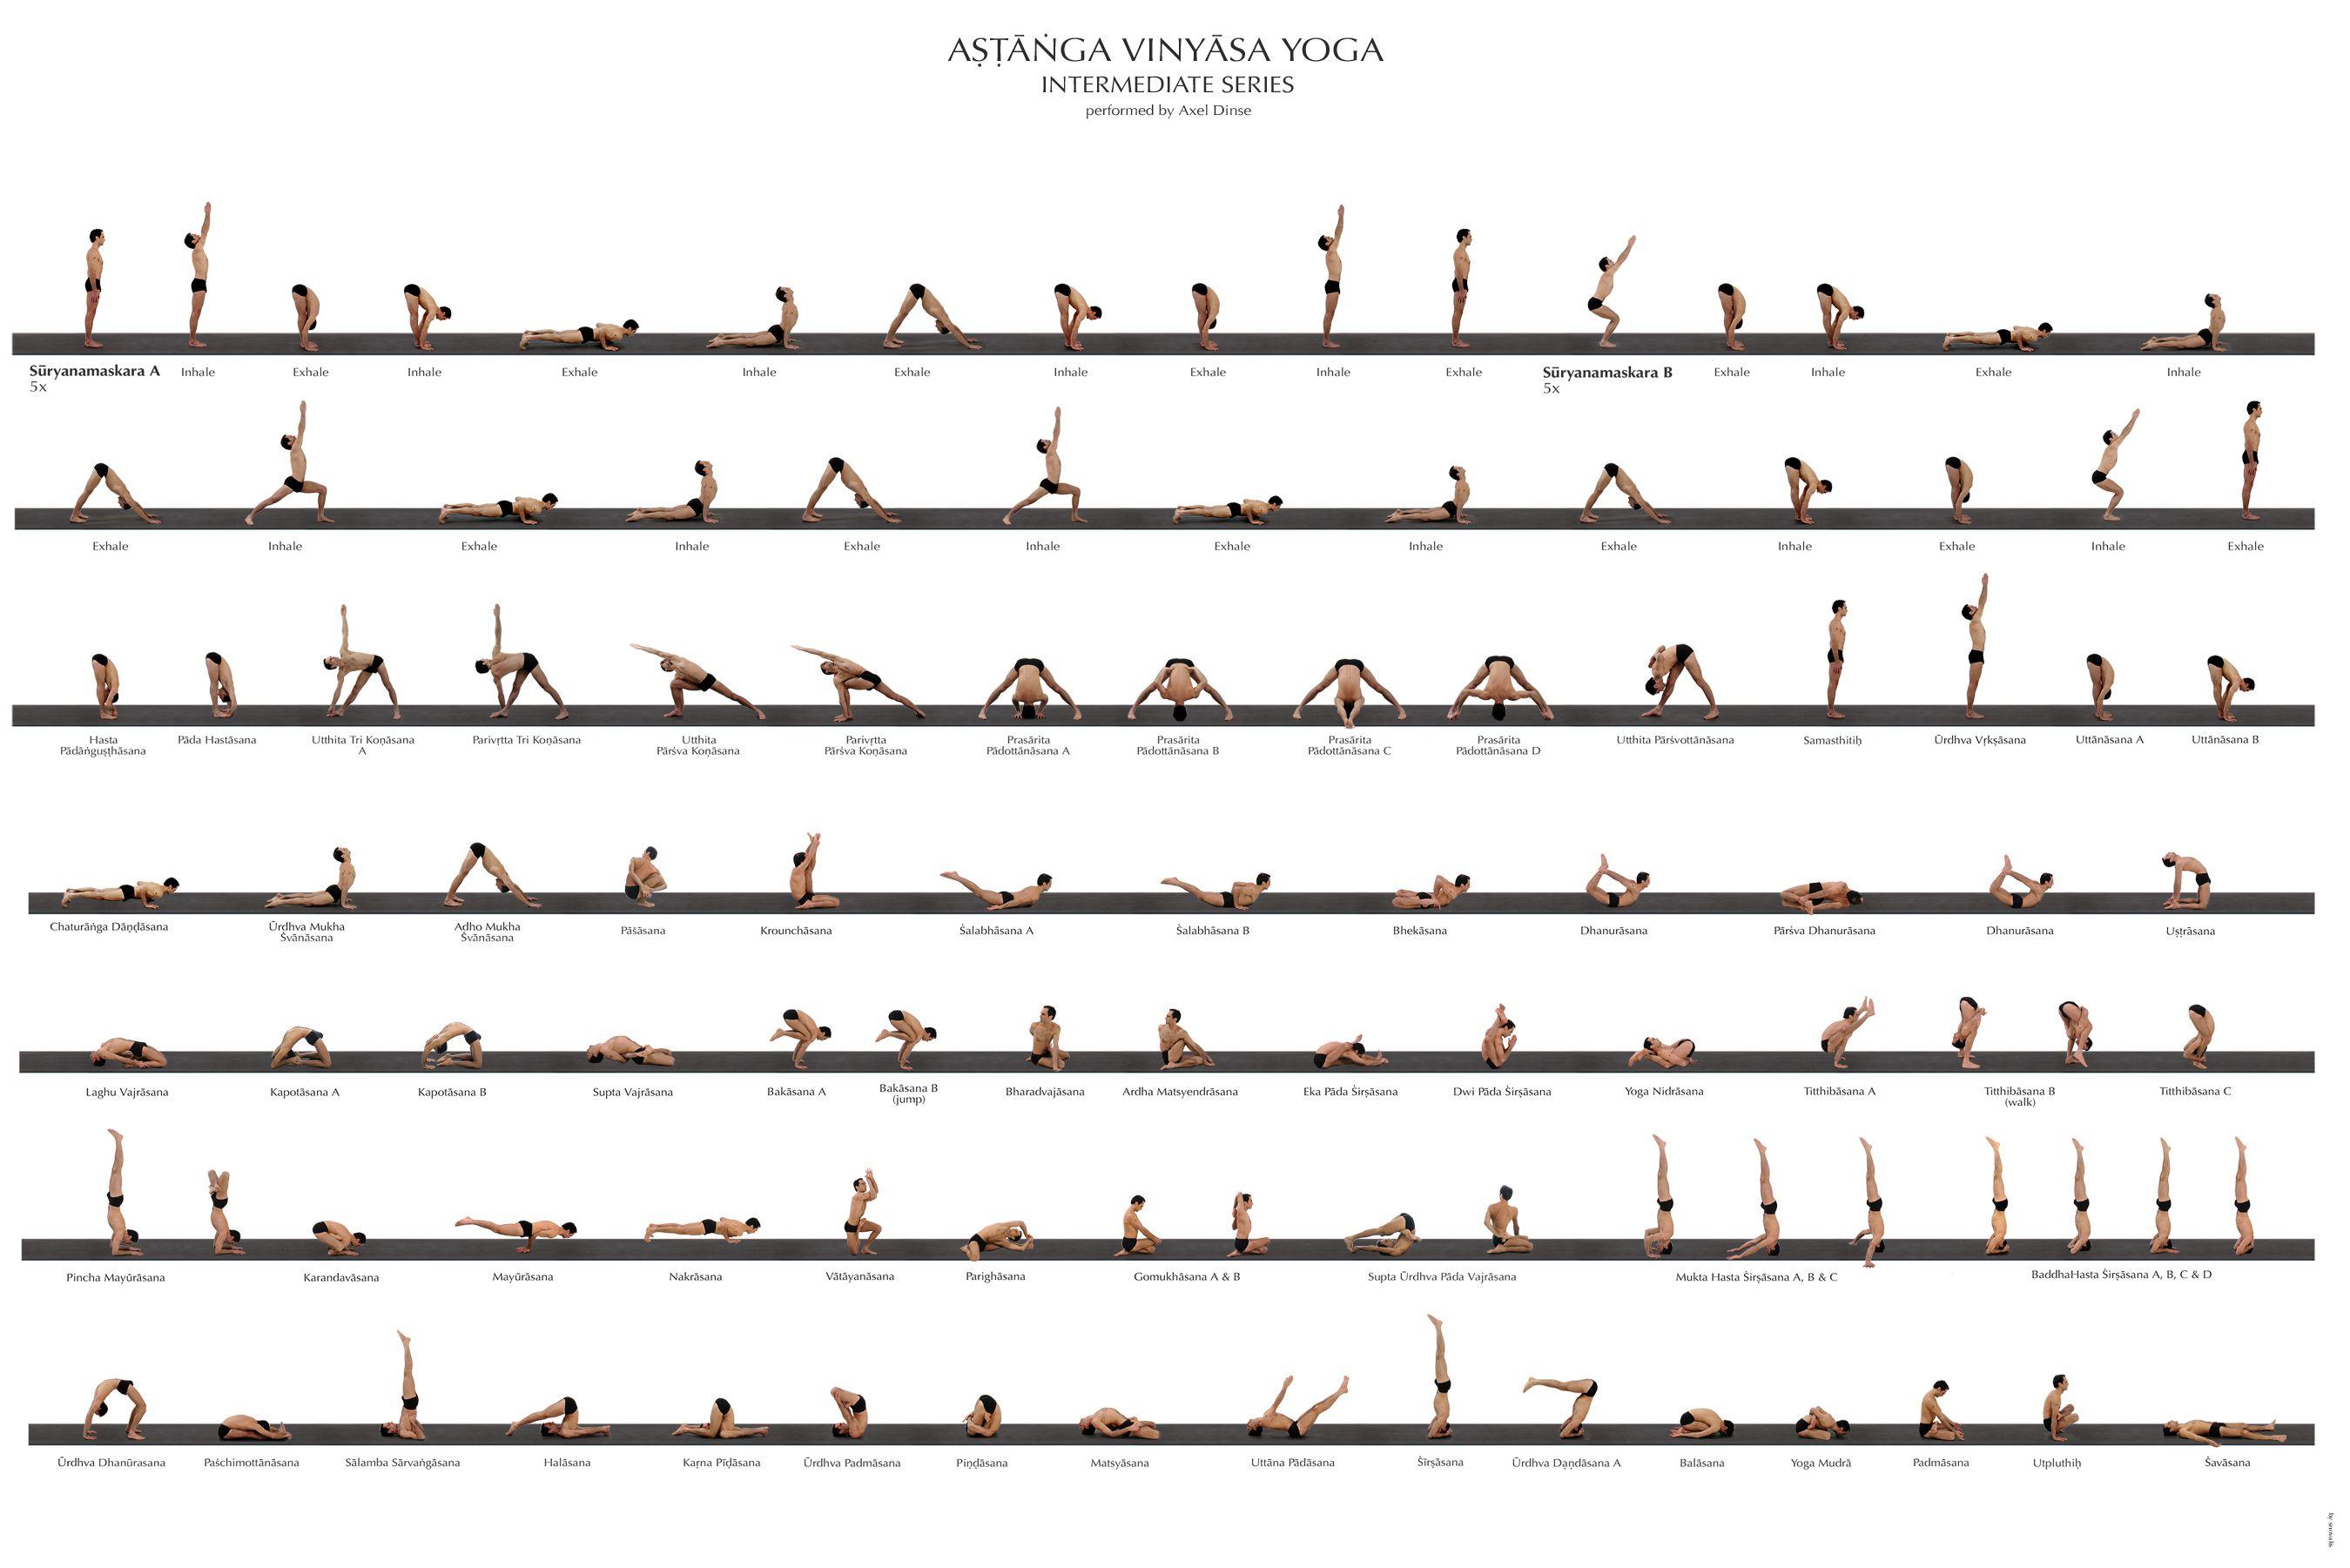 Ashtanga Yoga Poster | Ashtanga vinyasa yoga, Ashtanga ...